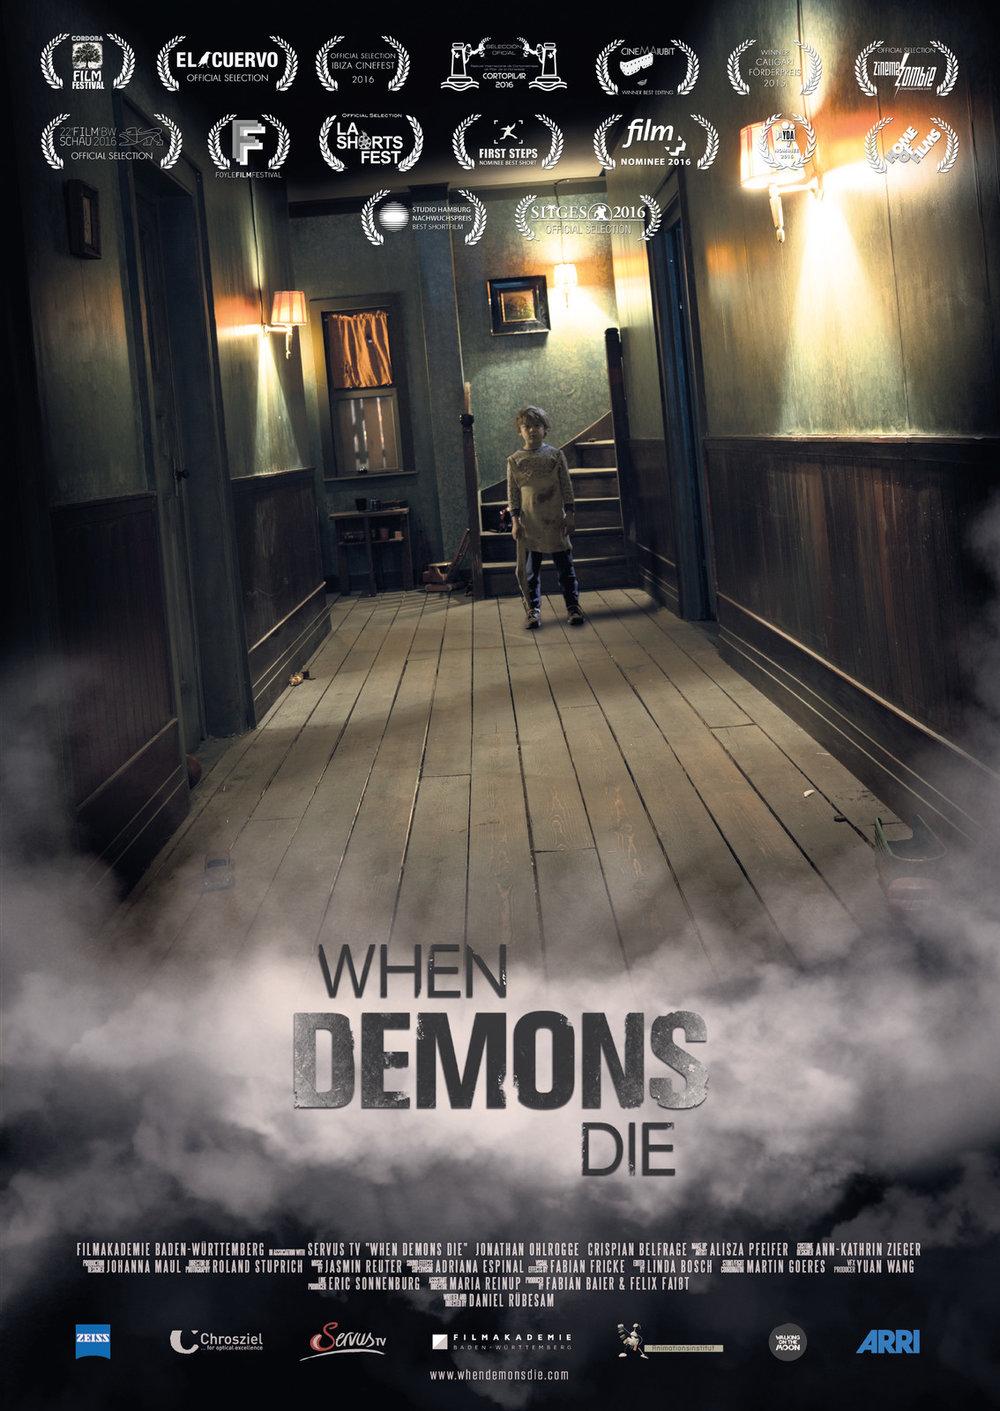 WhenDemonsDie_Poster_Druckvorlage_2017-01-04.jpg